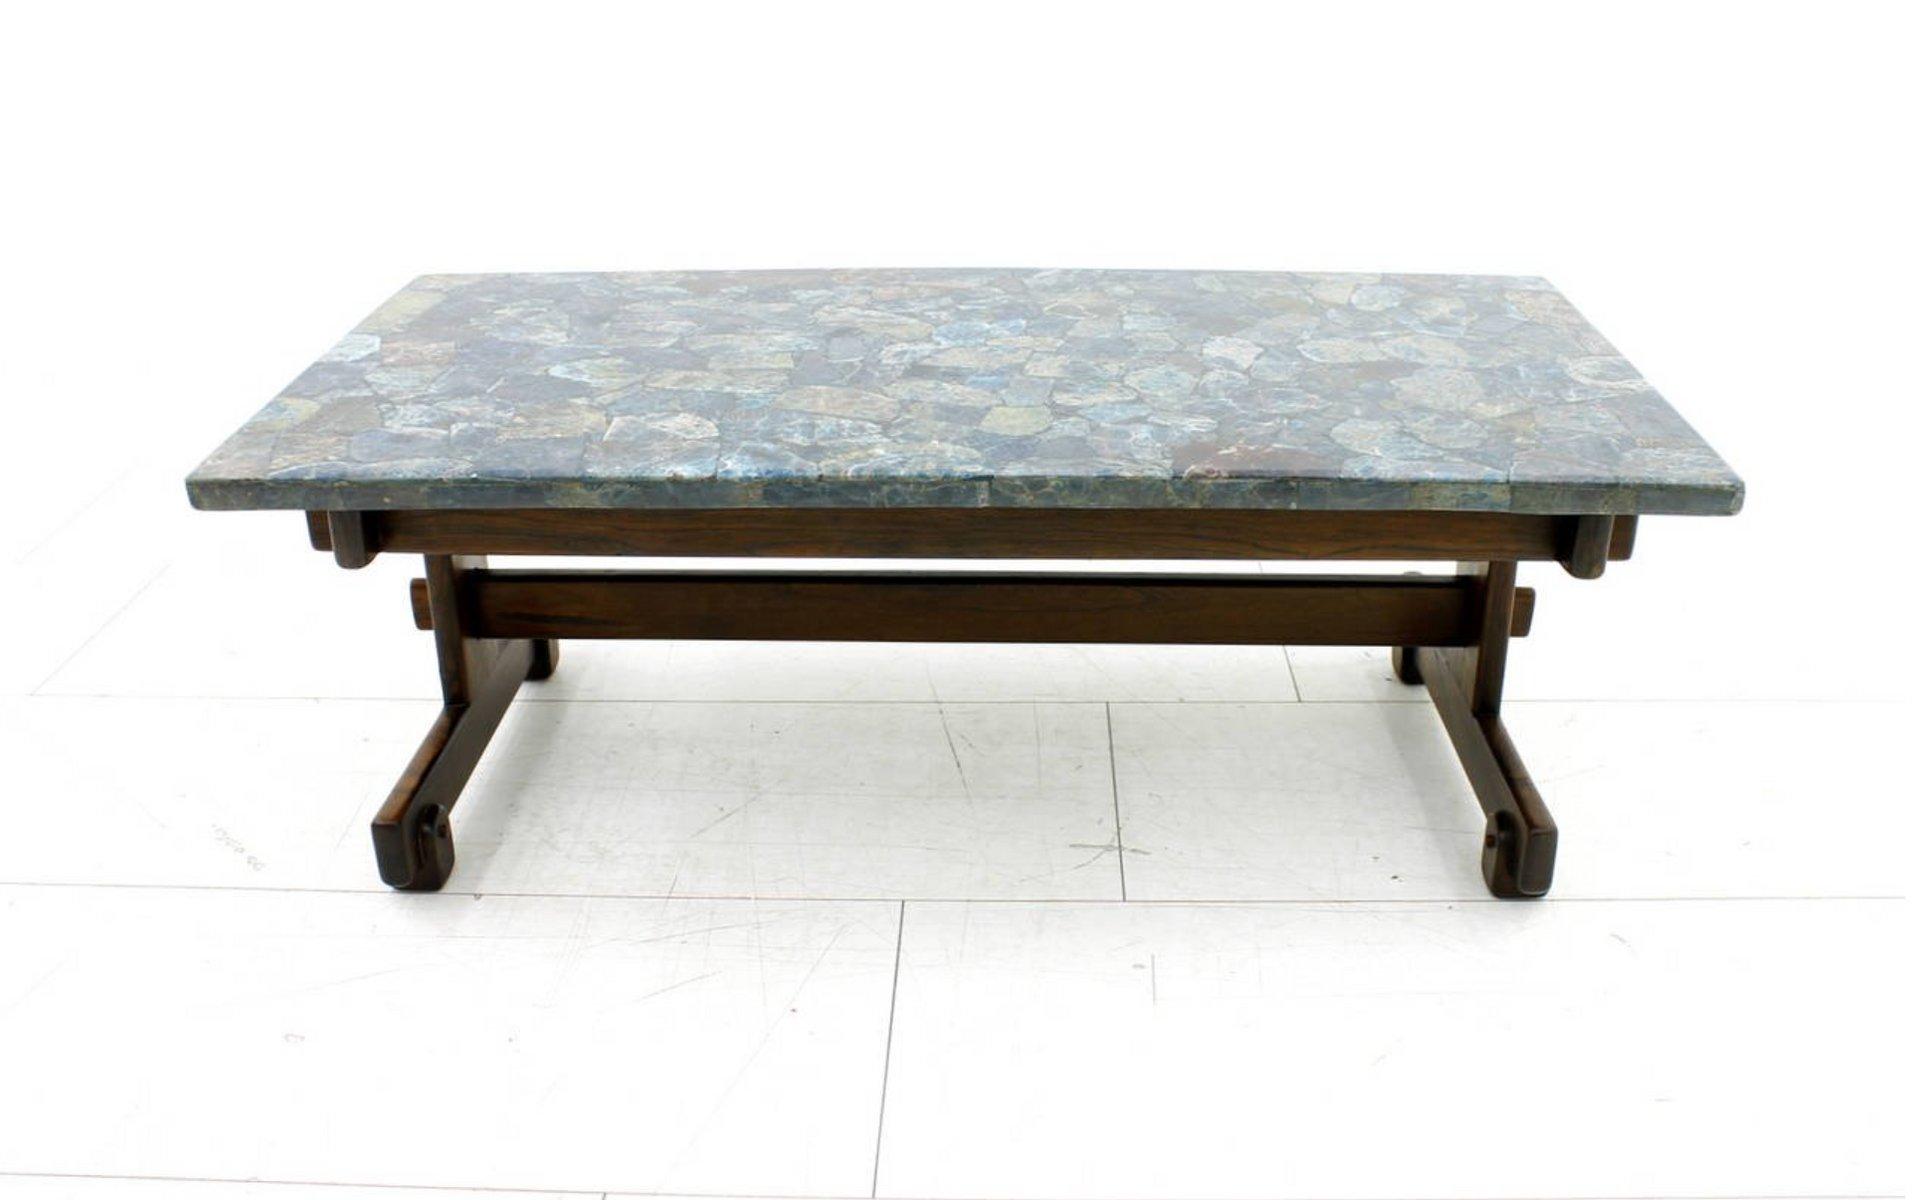 table basse apatit en pierre avec plateau en mosa que par sergio rodrigues 1964 en vente sur pamono. Black Bedroom Furniture Sets. Home Design Ideas